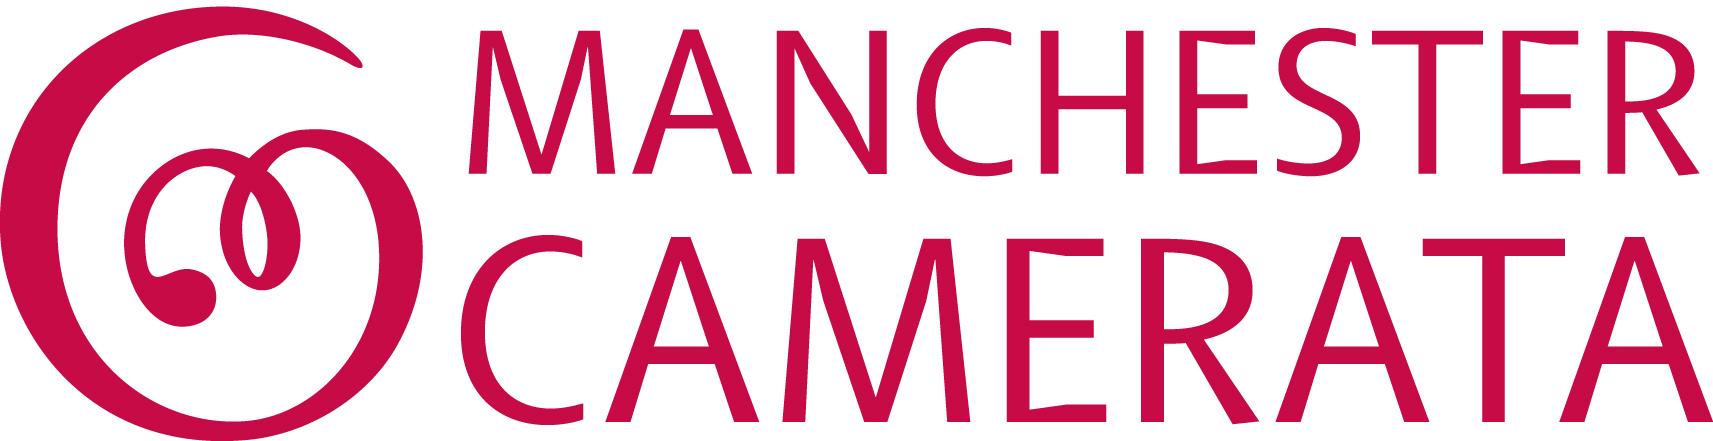 Manchester Camerata logo